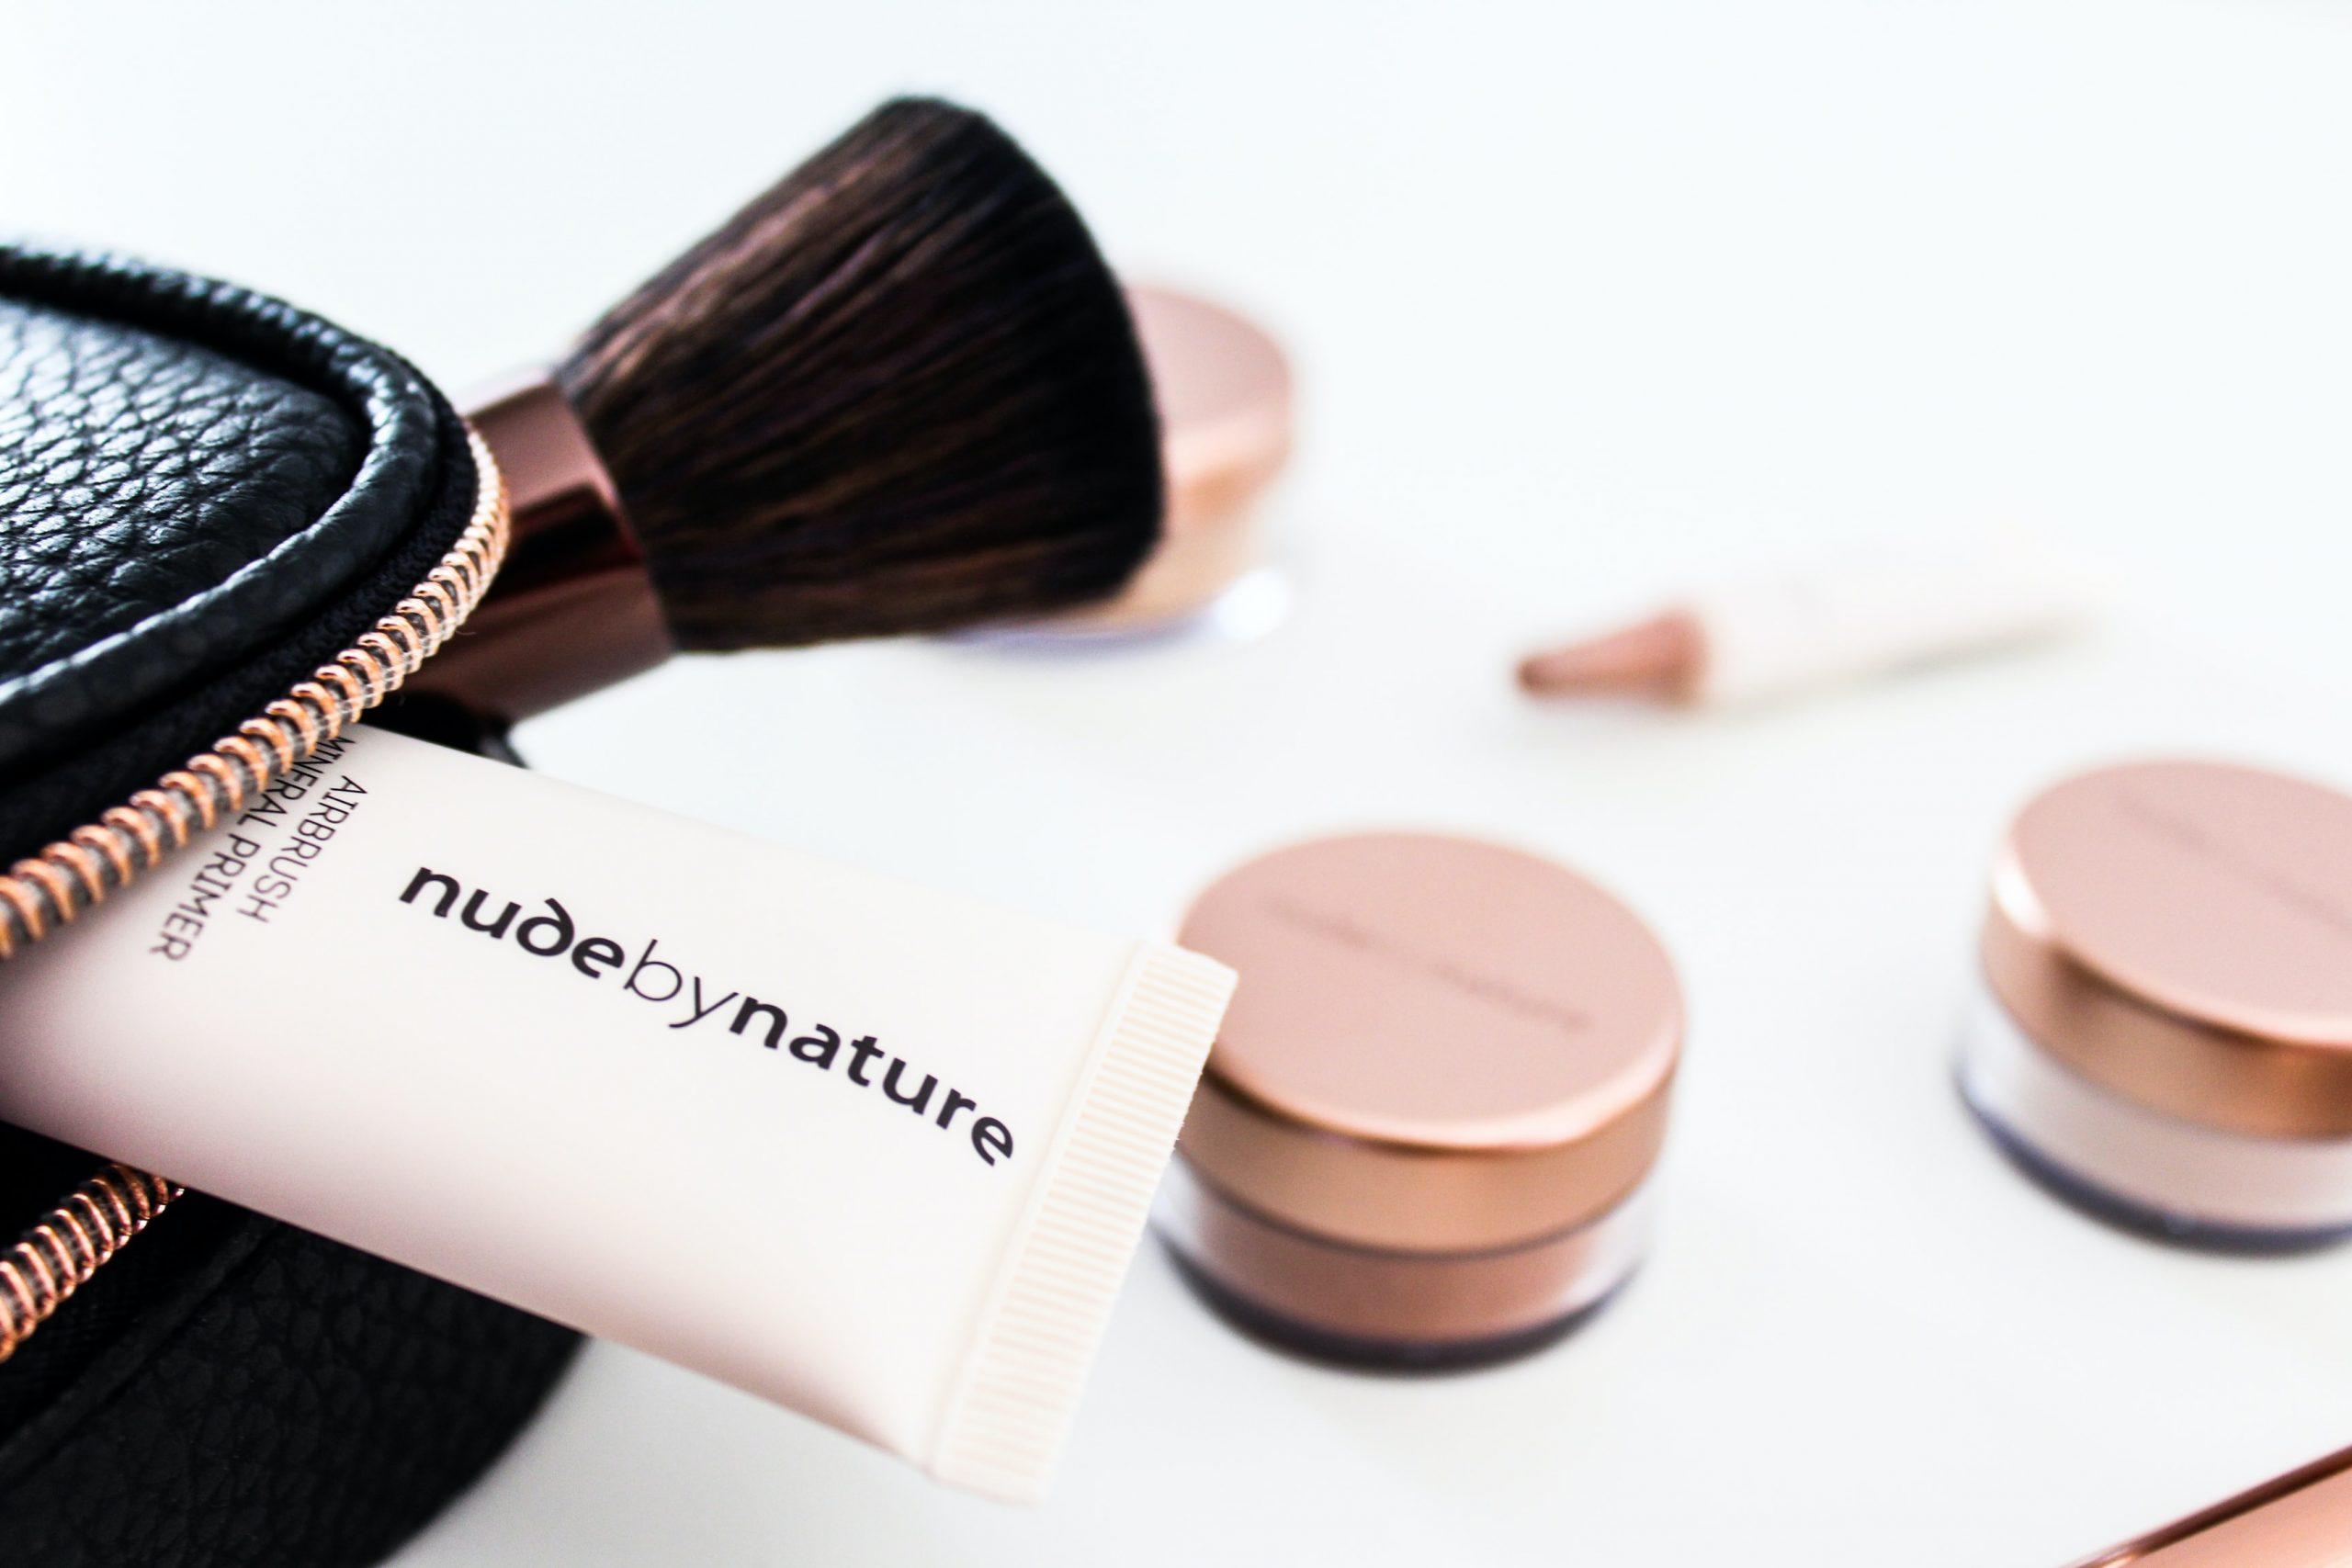 Imagem de uma necessaire de maquiagem